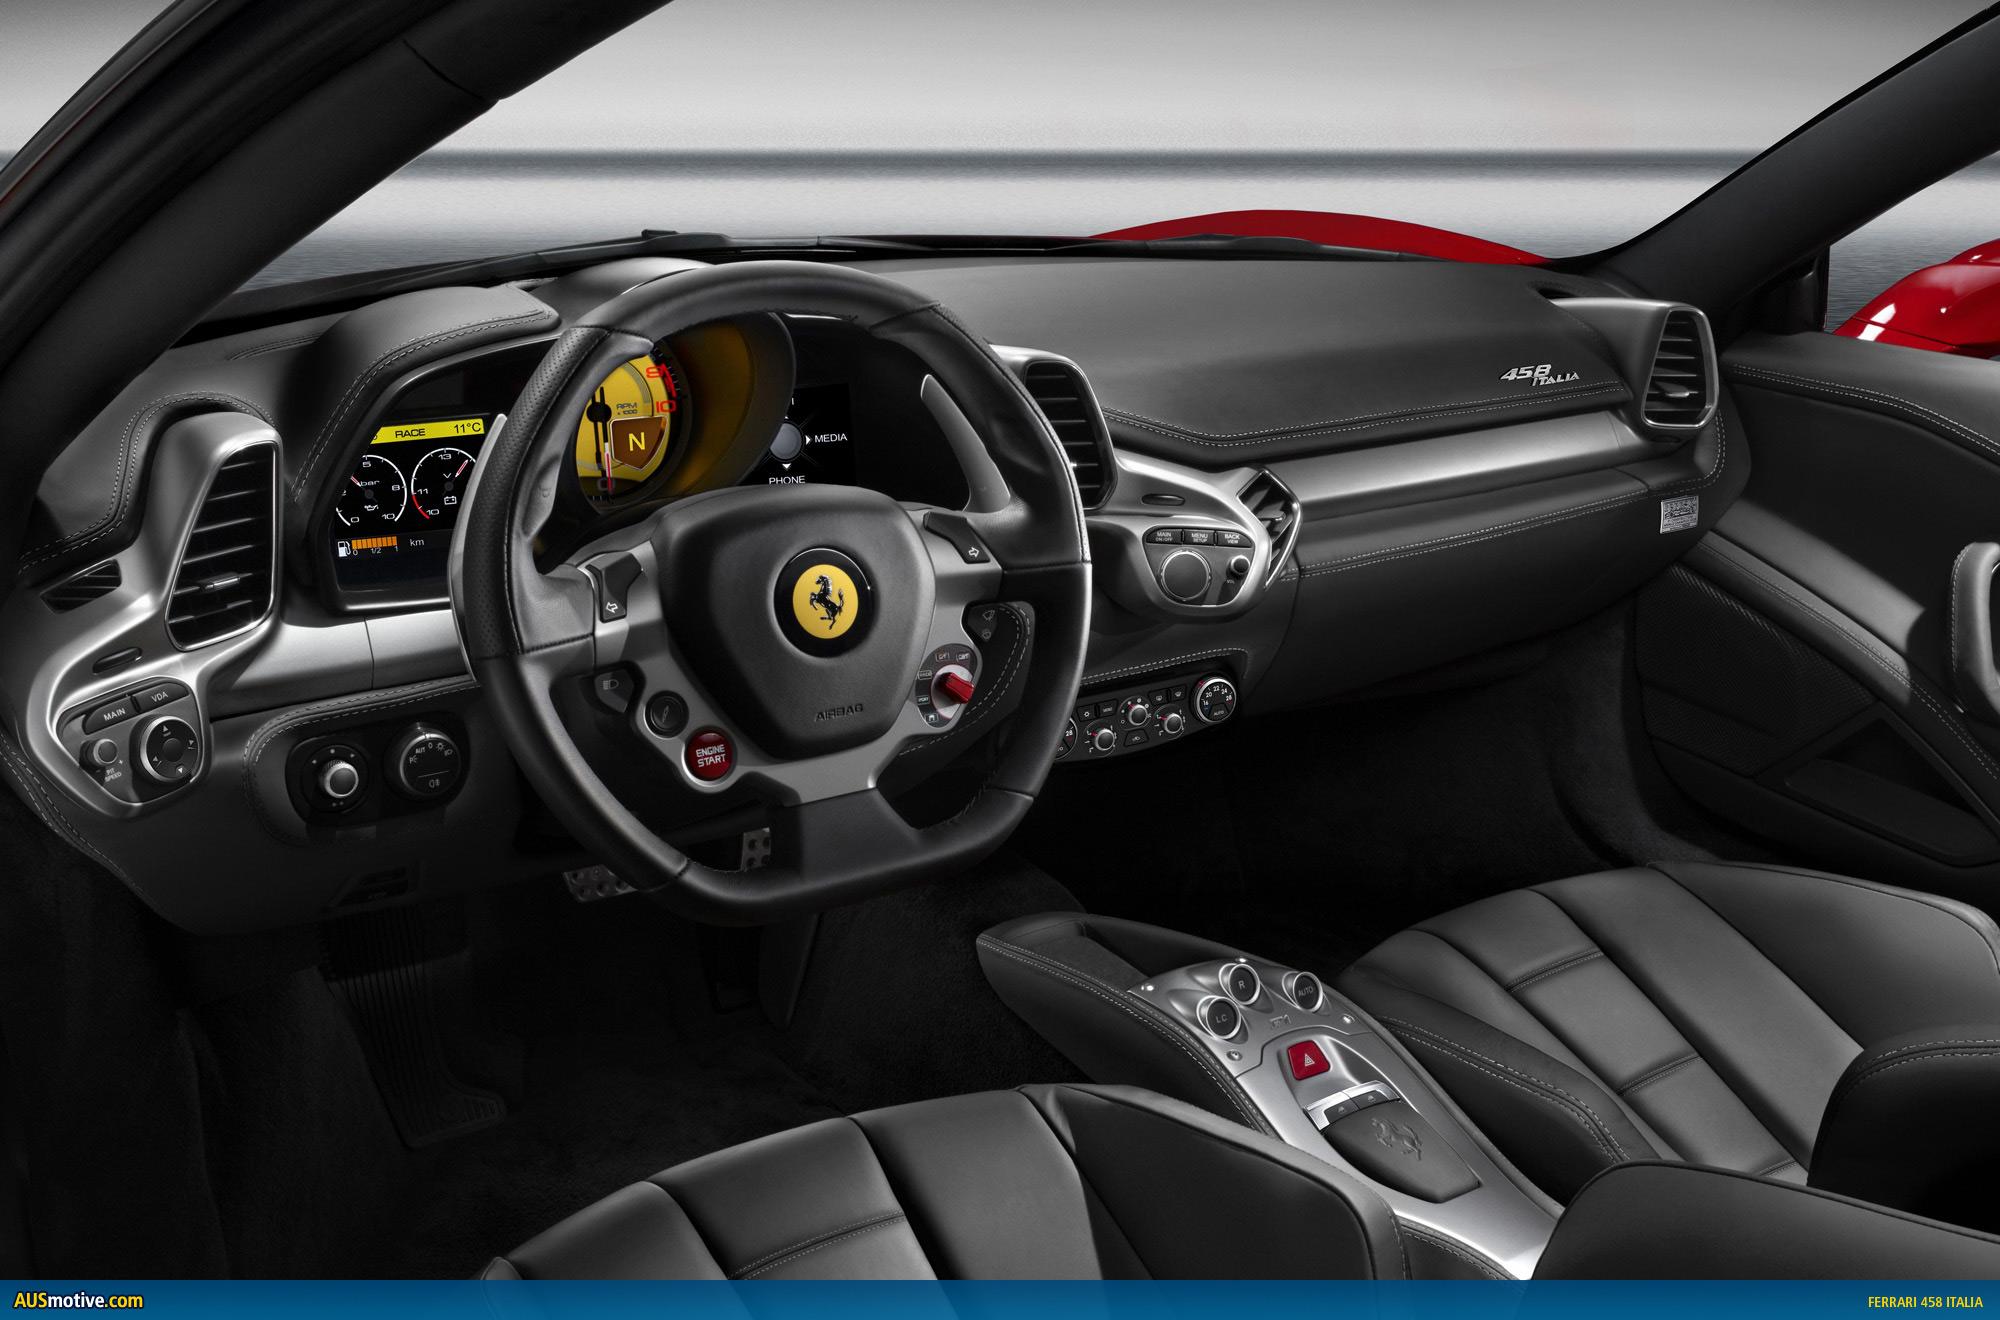 Ferrari 458 Italy interior